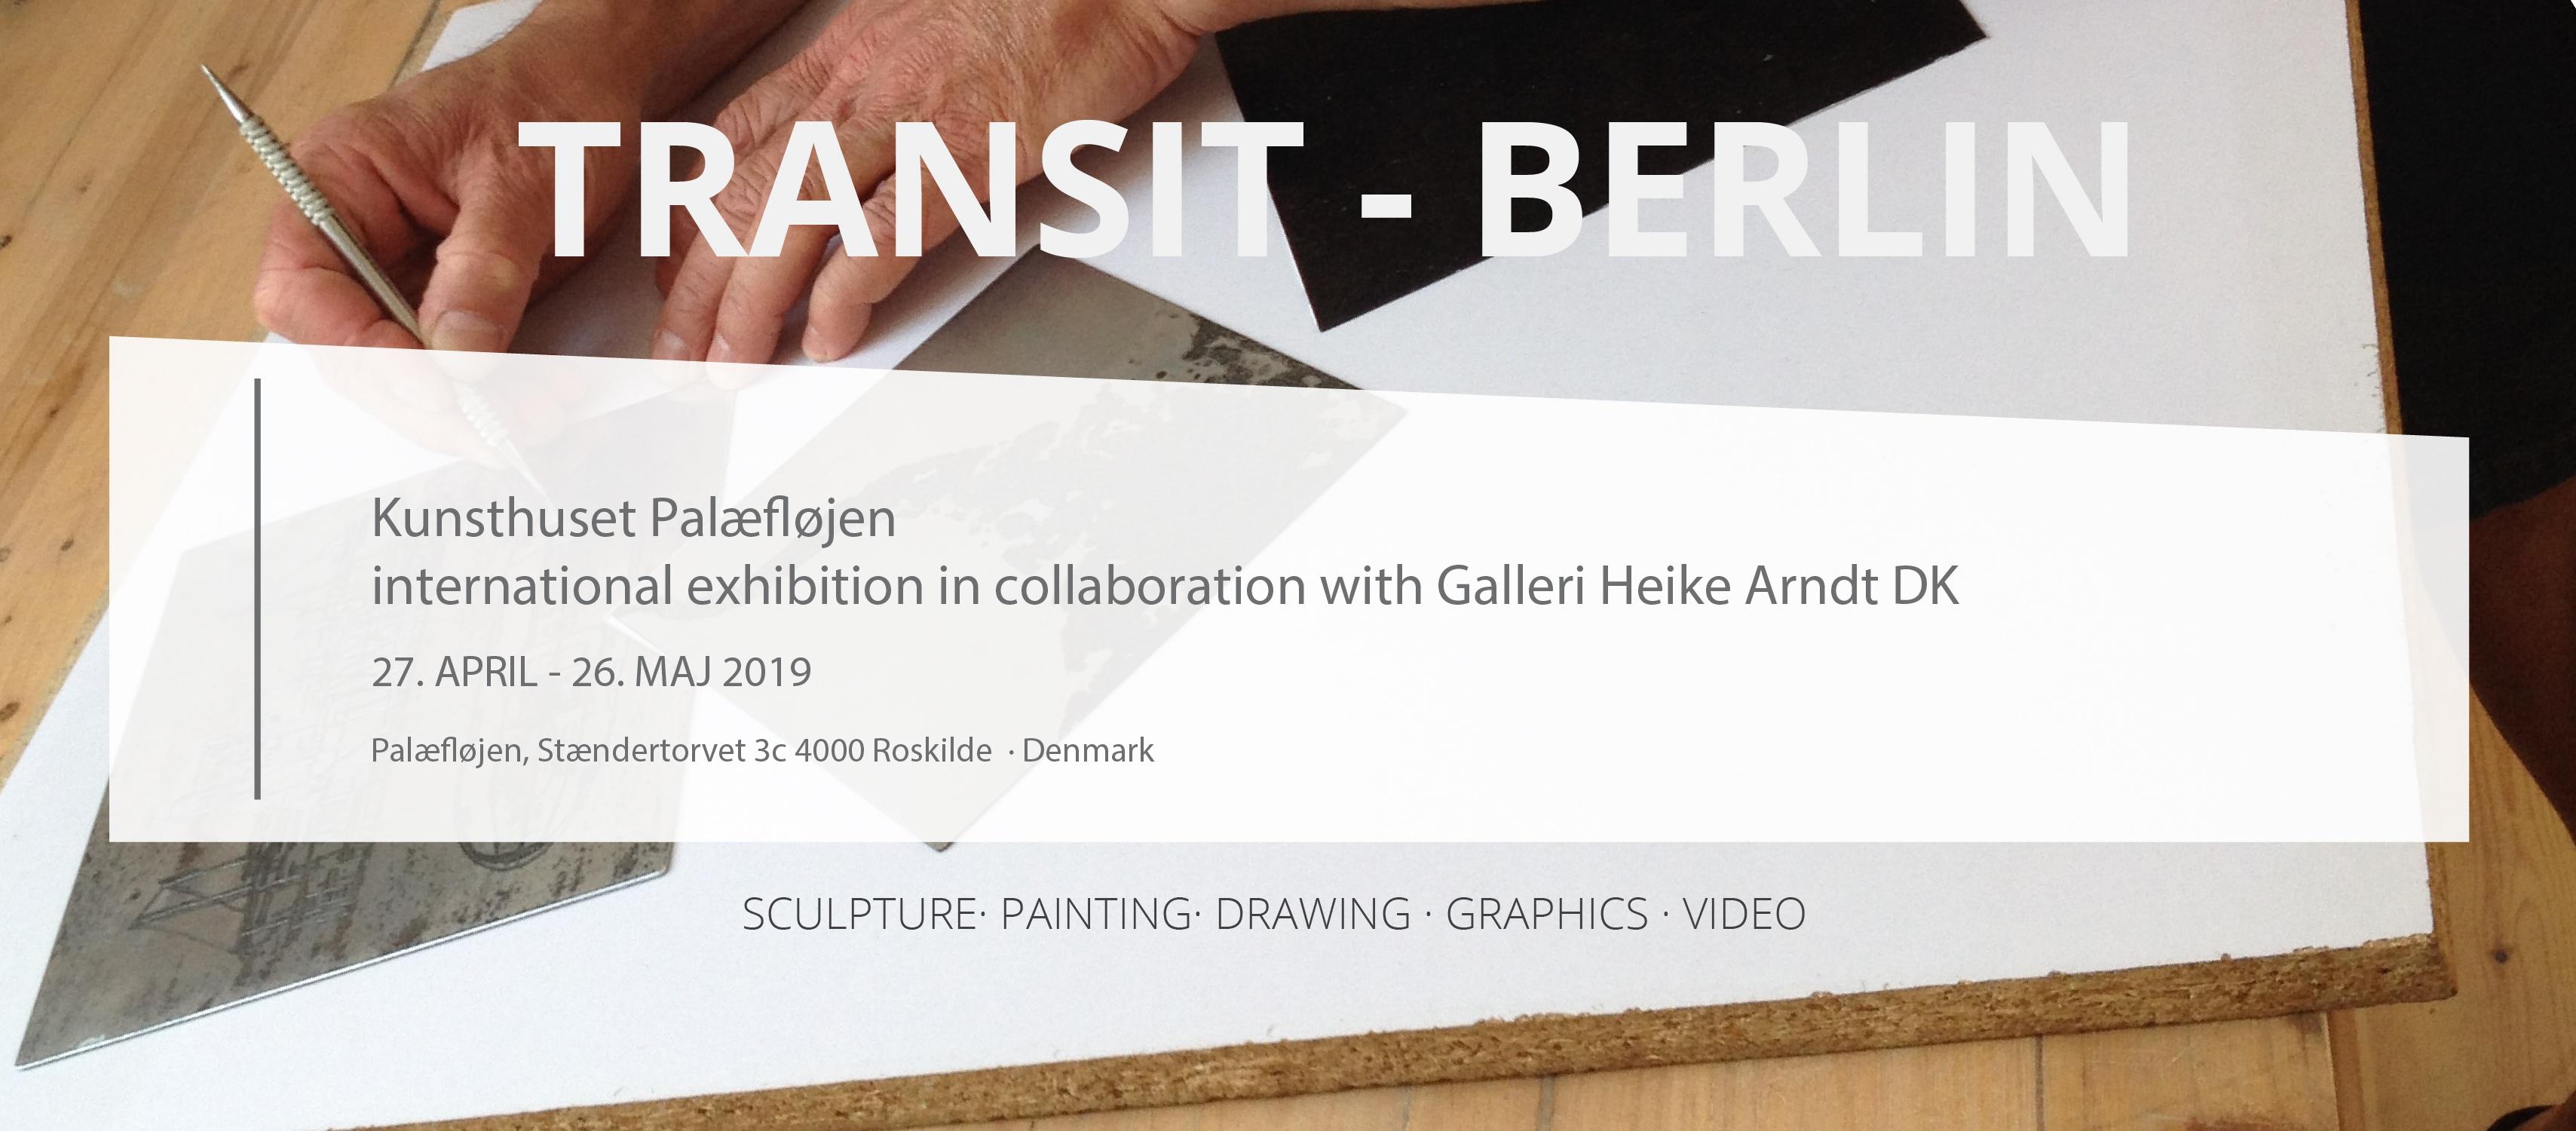 d14c6780eeb5 TRANSIT BERLIN – international exhibition in Roskilde at Palæflojen